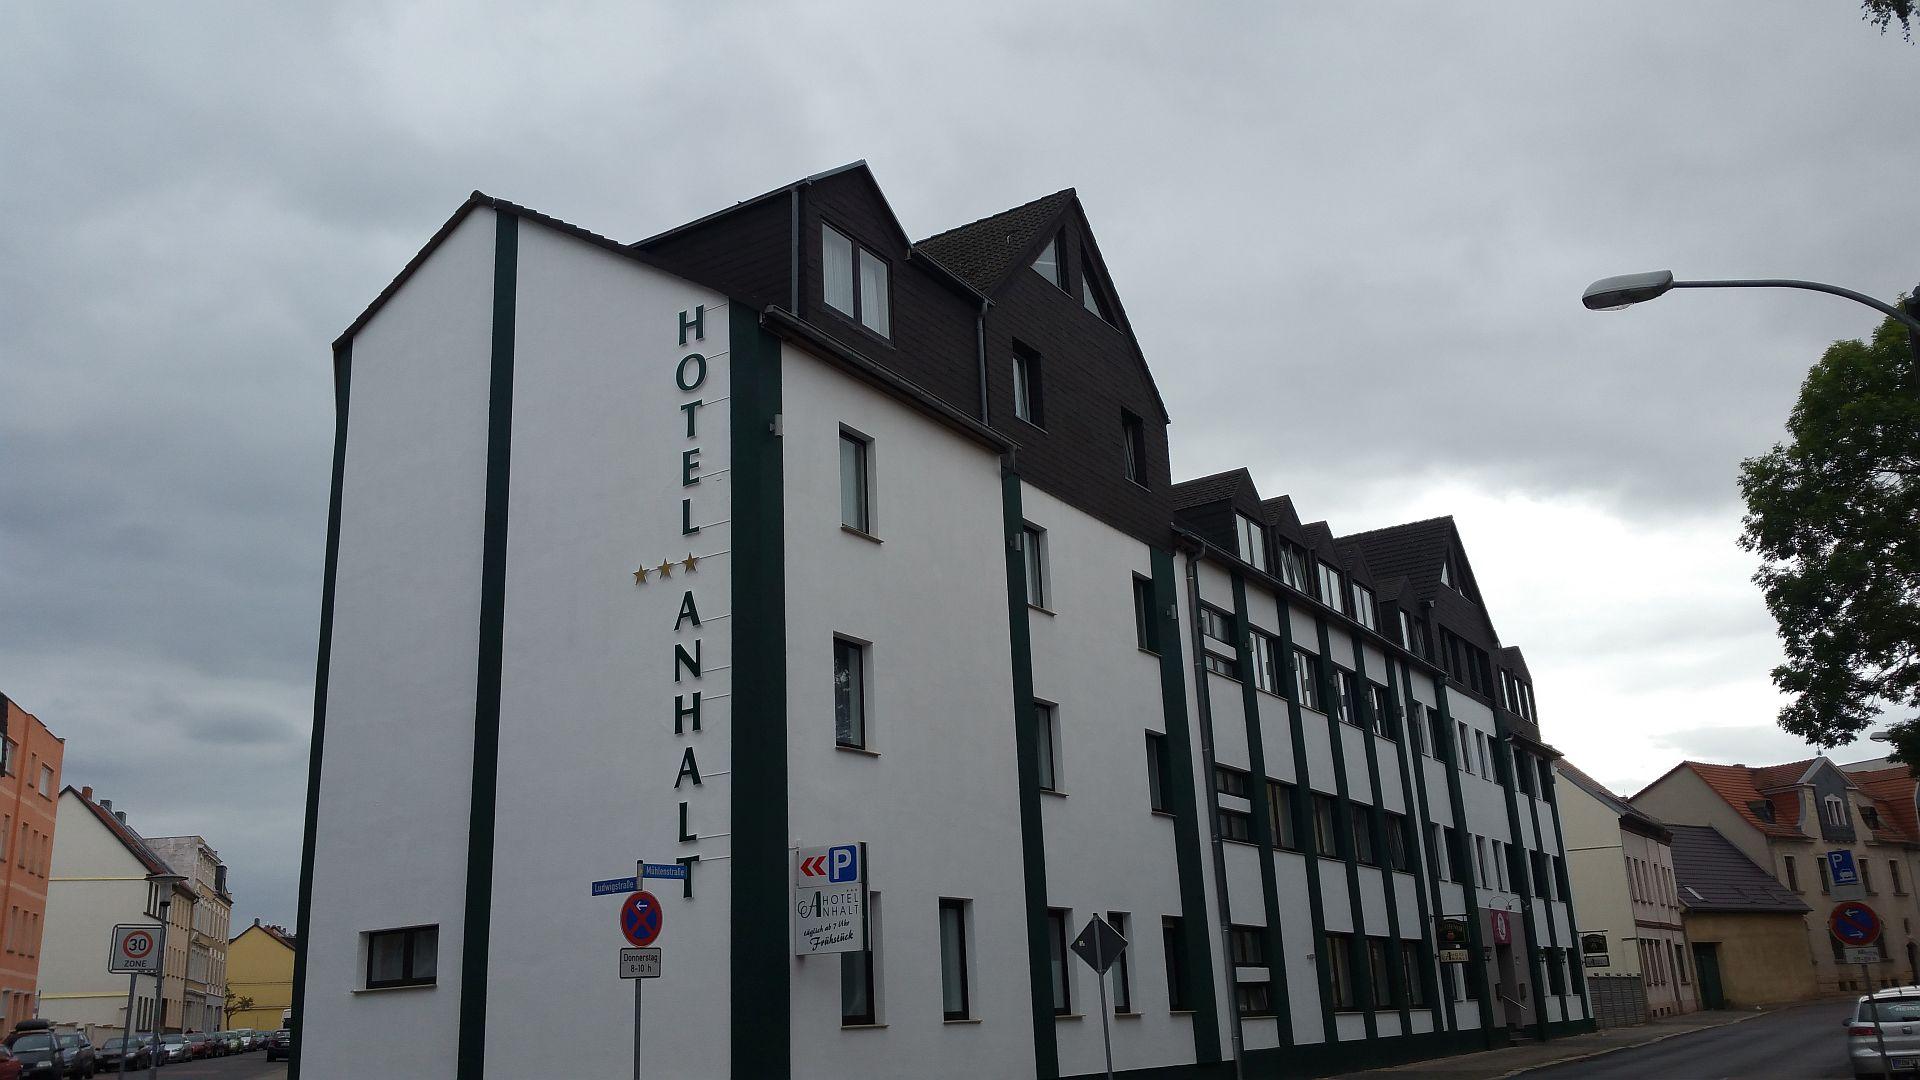 hotelanhalt